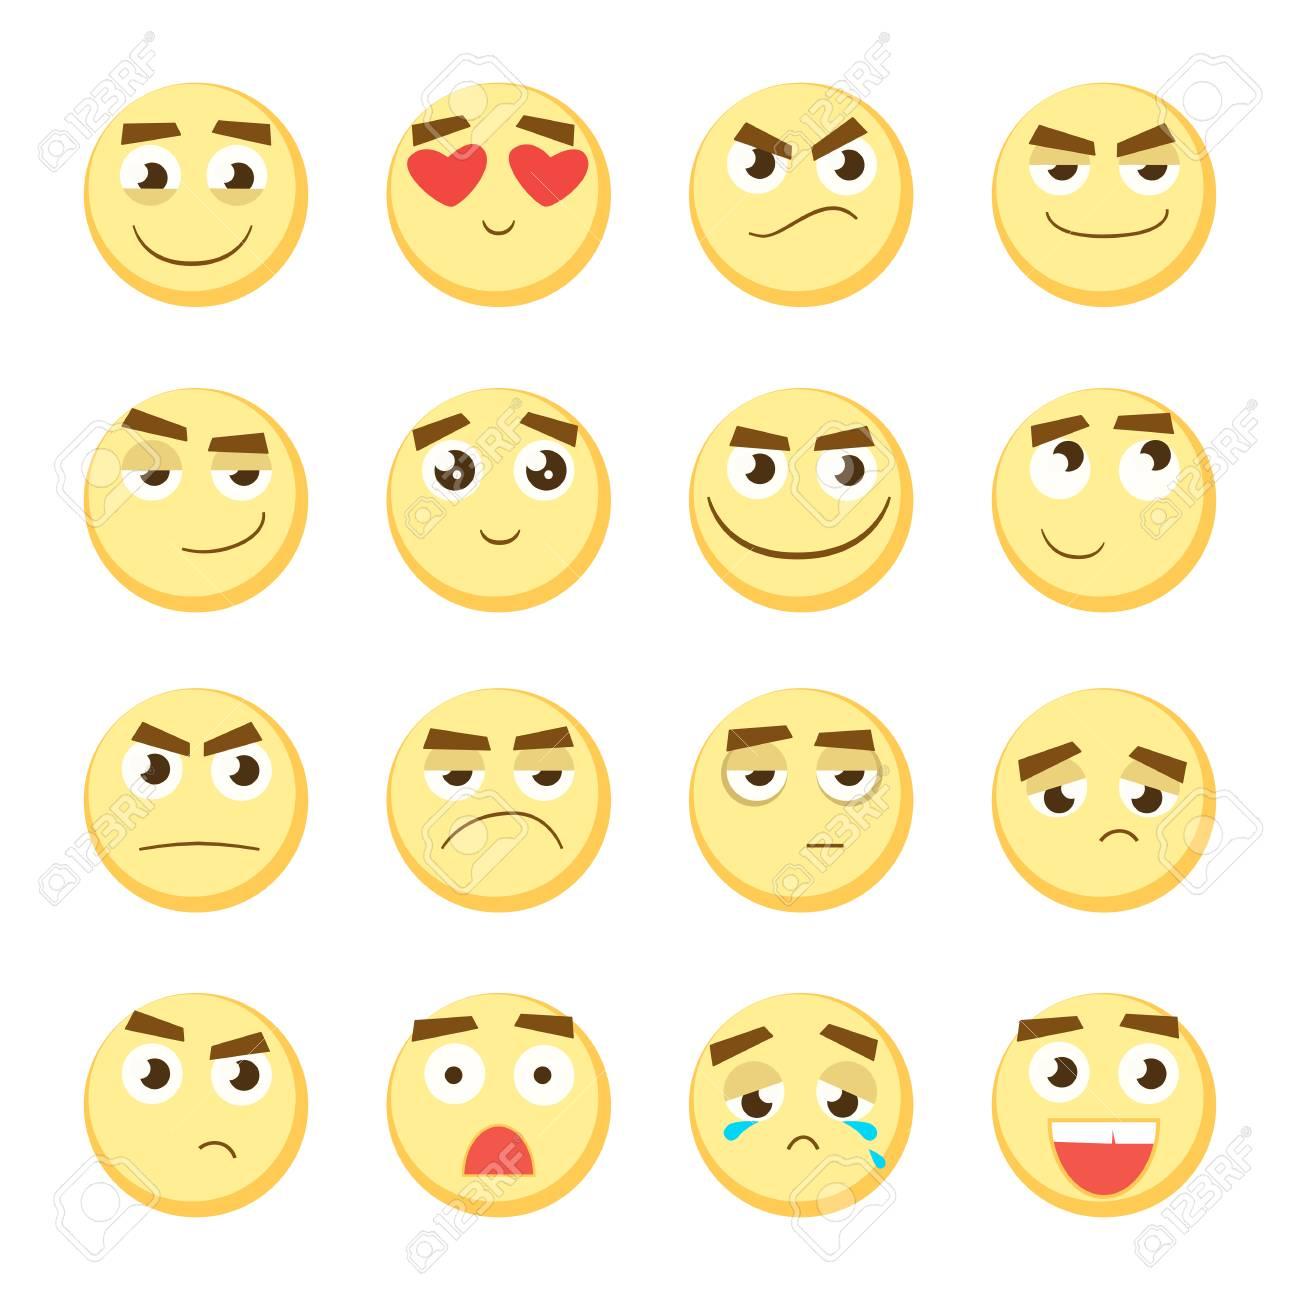 emoticon set. collection of emoji. 3d emoticons. smiley face